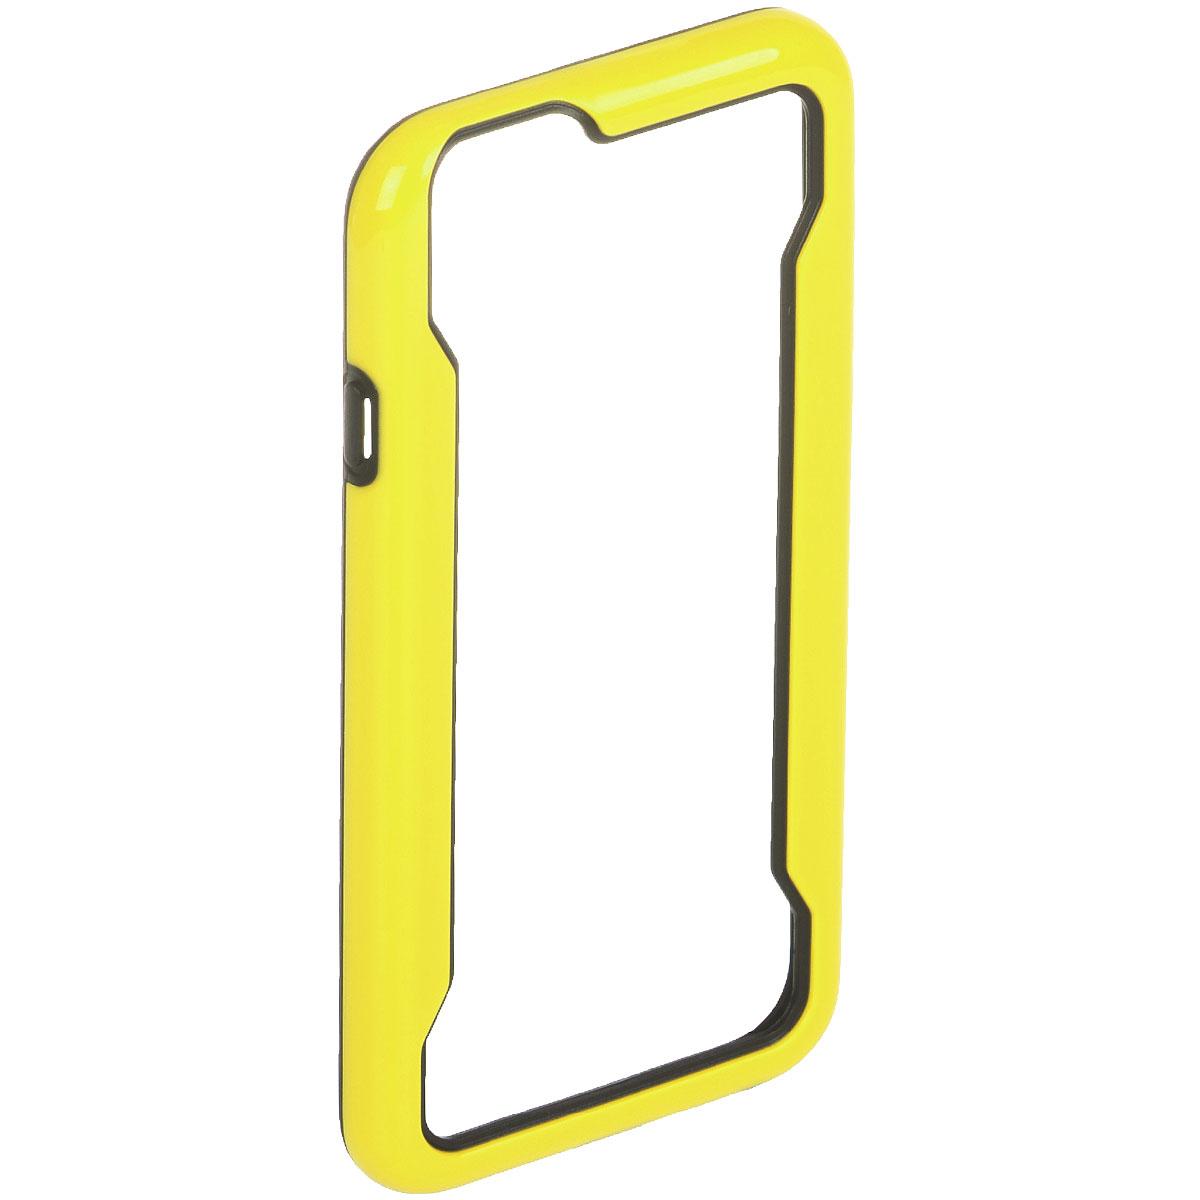 Liberty Project чехол-накладка для iPhone 6, Yellow BlackR0007955Защитная крышка Liberty Project служит защиты корпуса вашего смартфона от внешнего воздействия (пыль, влага, царапины). Модель доступна в различных цветах.